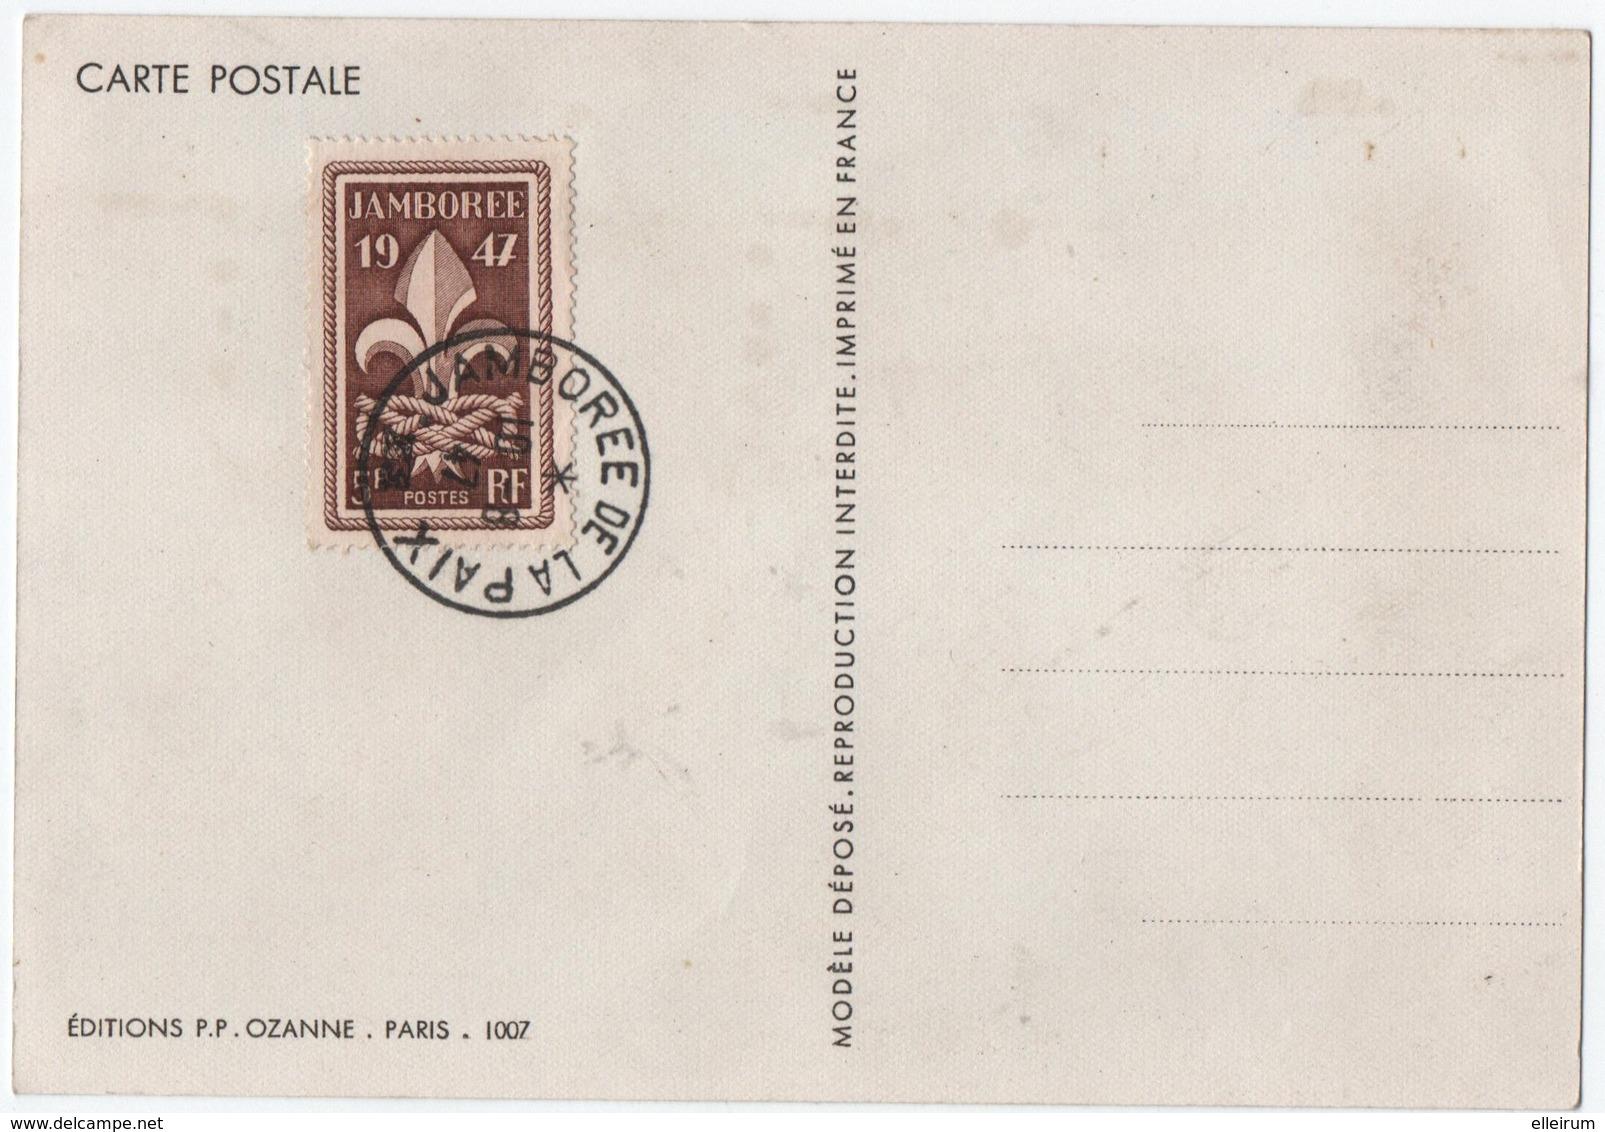 SCOUTISME. JAMBOREE De La PAIX. 1947. TIMBRE Au VERSO. - Movimiento Scout